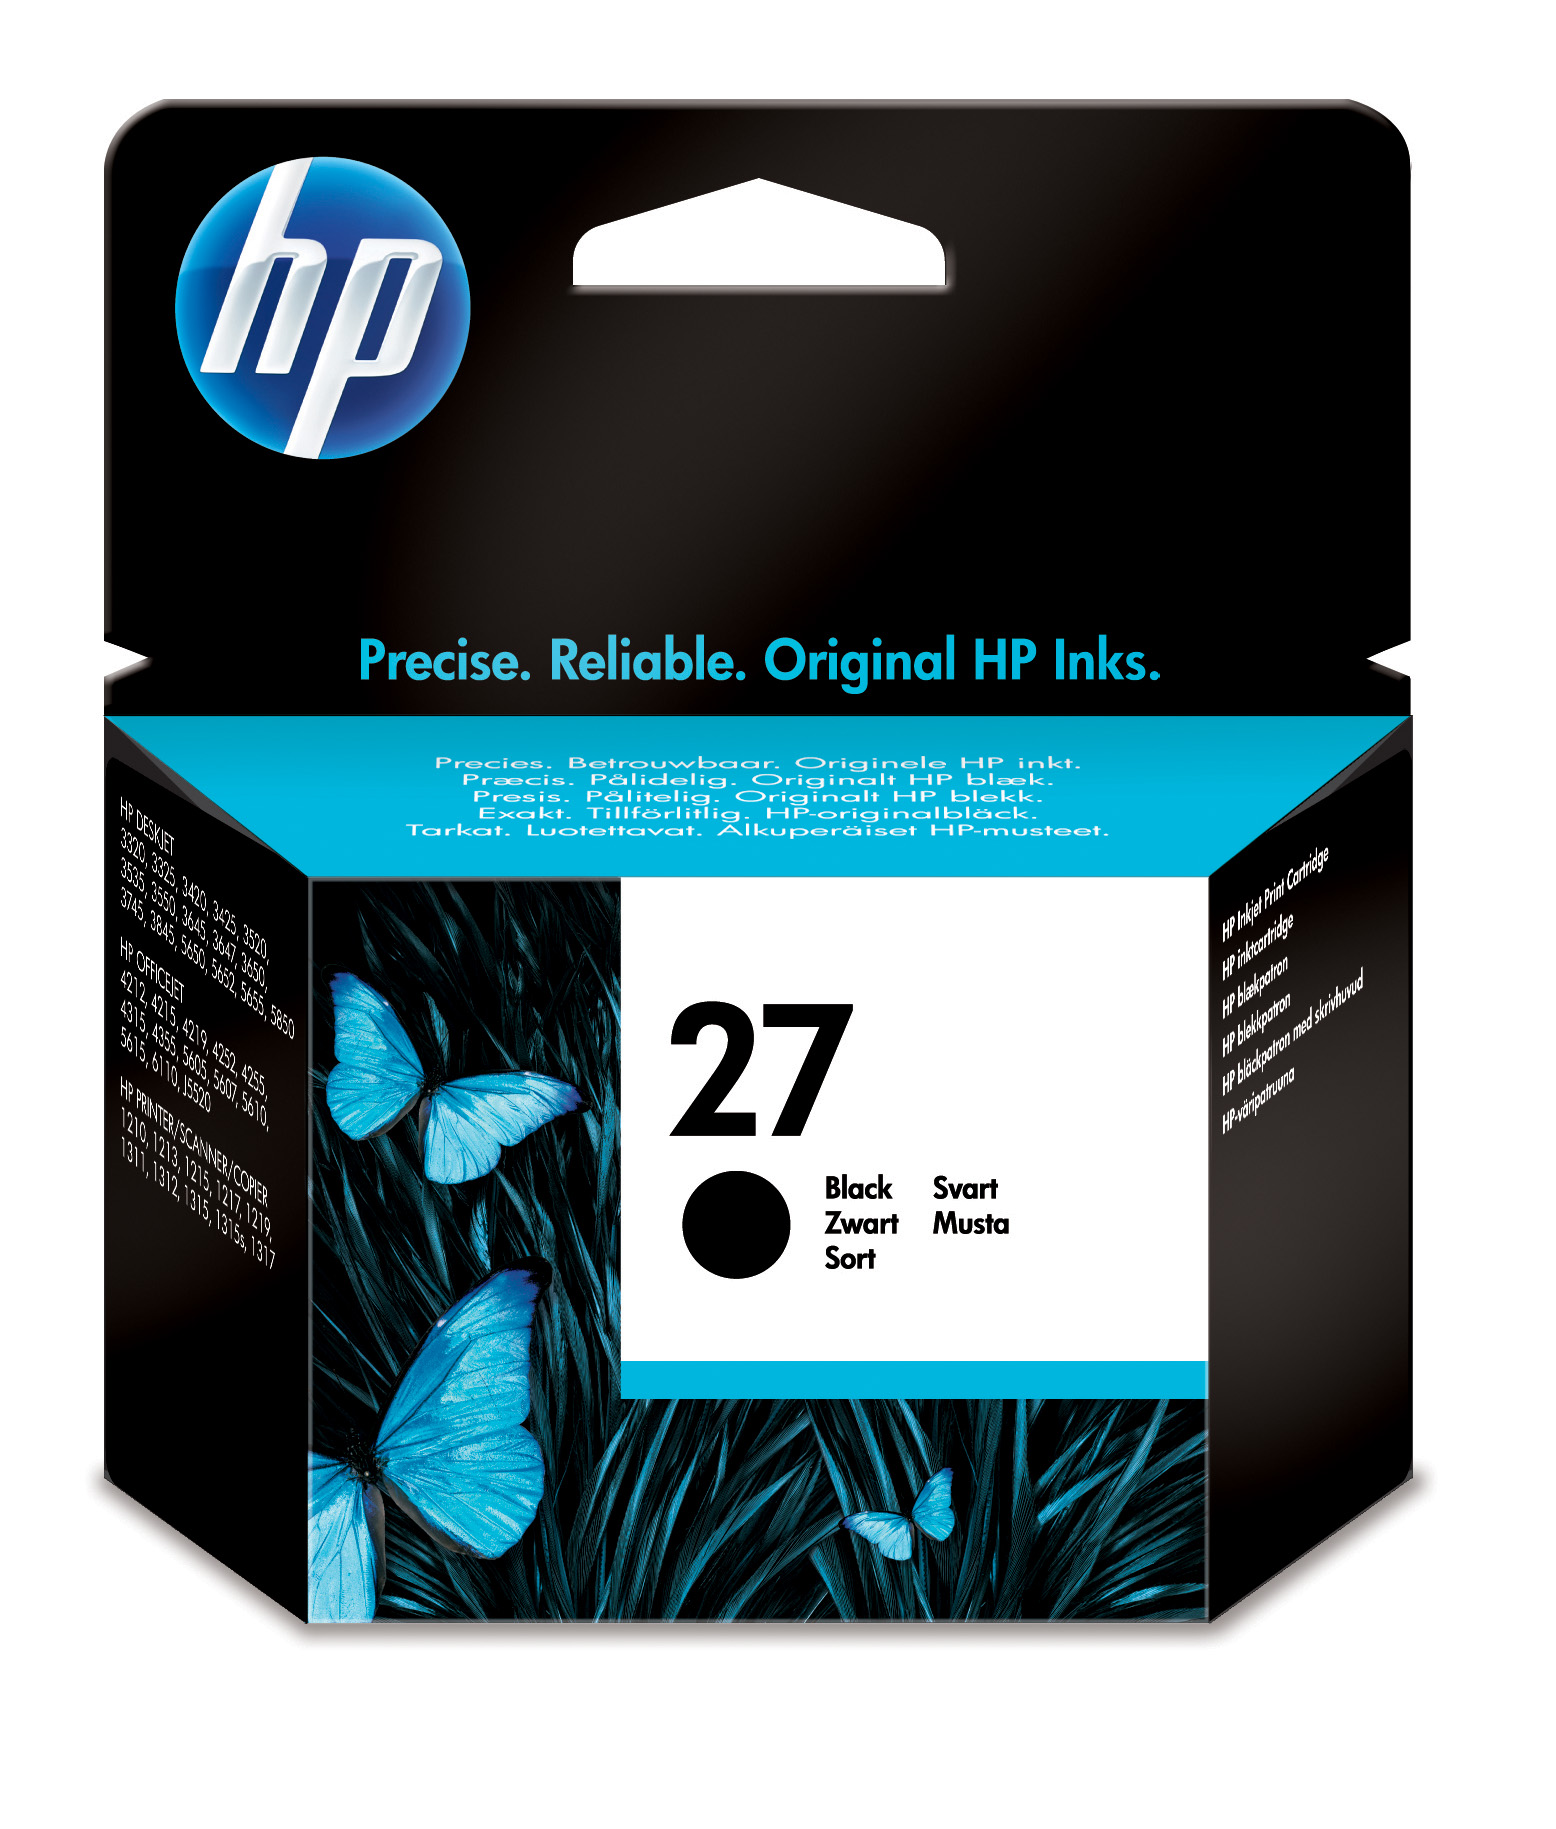 Cartucho inkjet HP 27 (C8727AE) Negro